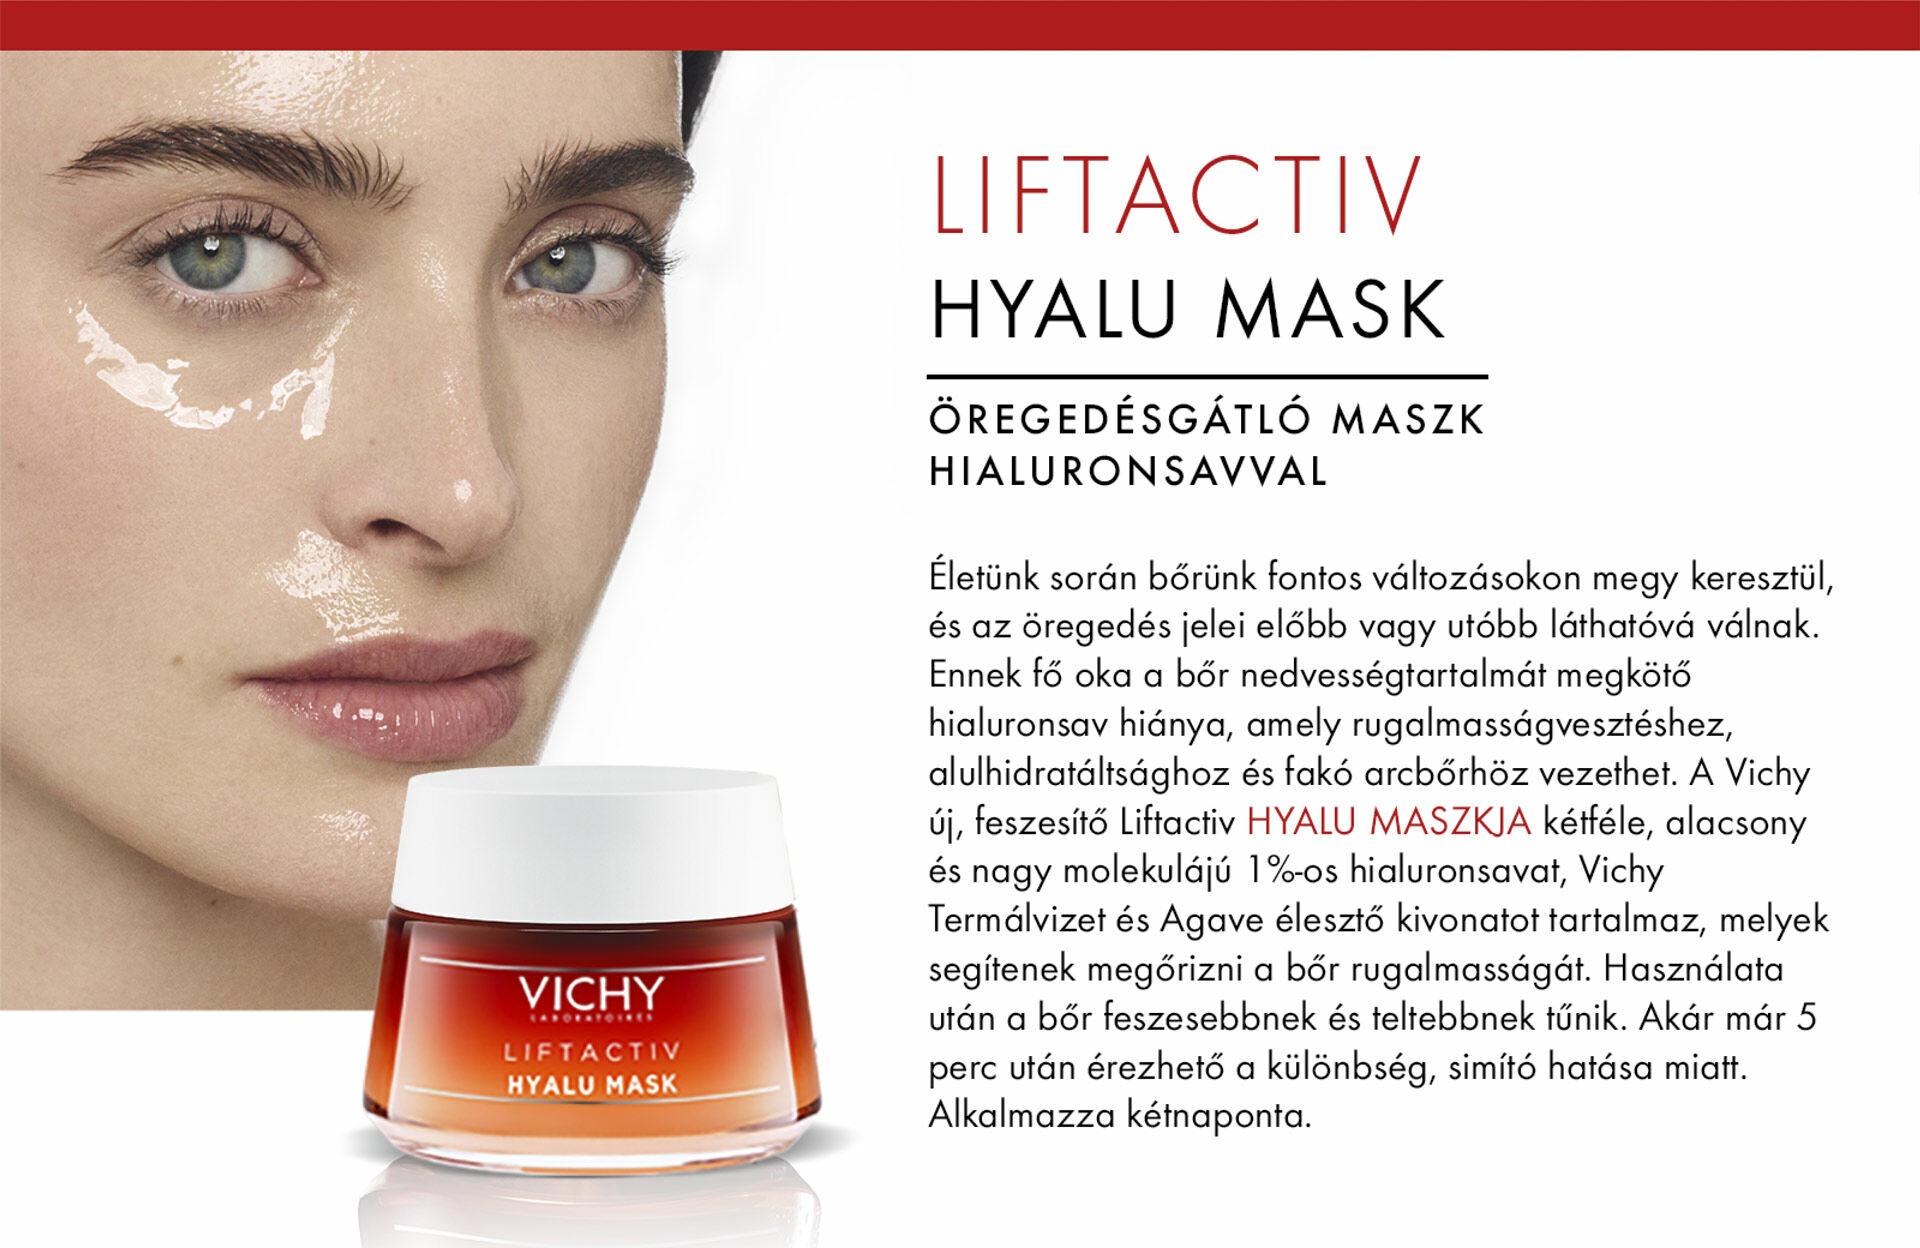 Vichy Liftactiv Hyalu maszk